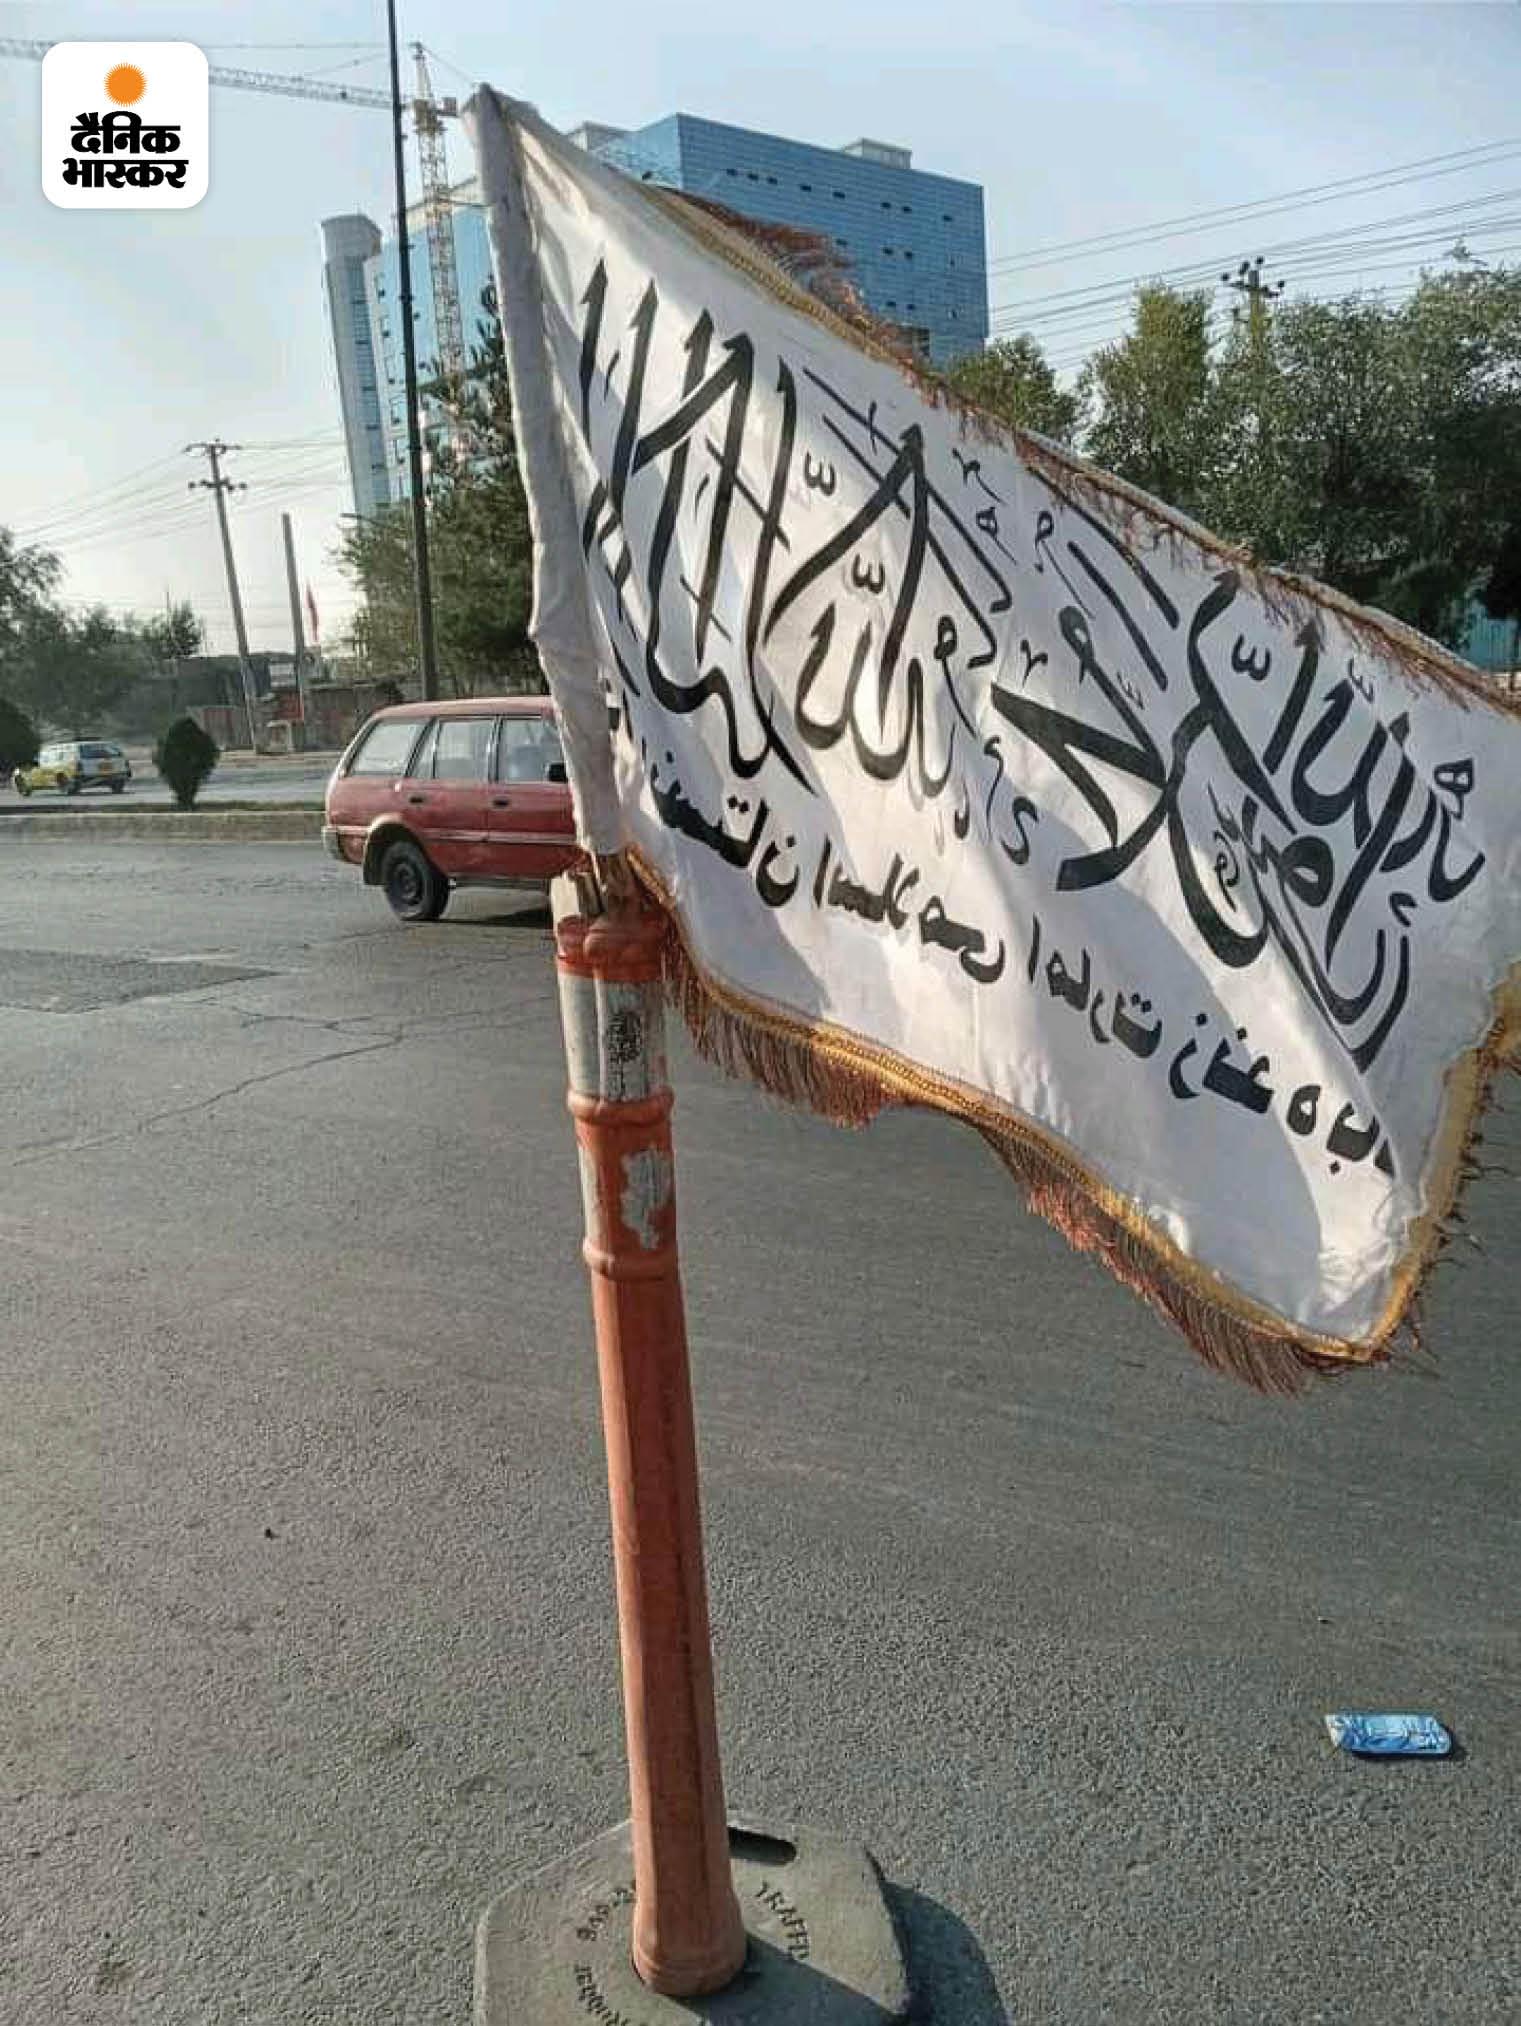 काबुल पर जीत के बाद तालिबान ने शहर की सड़कों पर इस तरह अपने सफेद झंडे लगाकर जश्न मनाया। जिन शहरों पर तालिबान कब्जा कर लेता है, वहां यह सफेद झंडे ही नजर आते हैं।